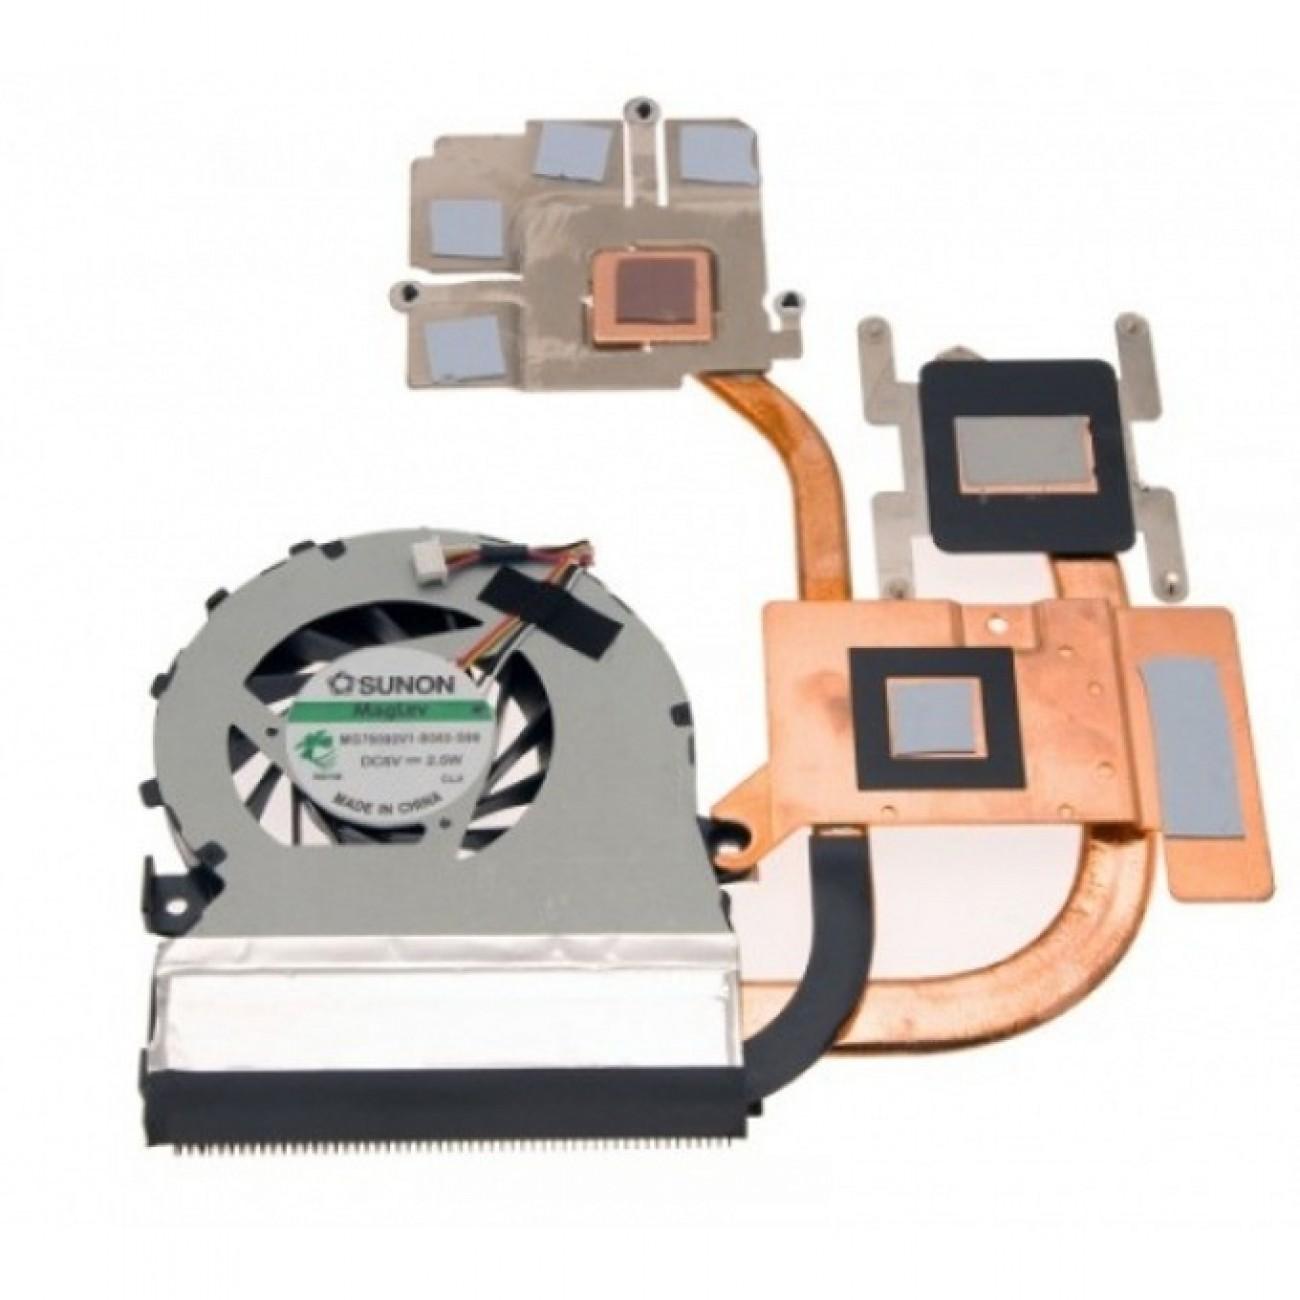 Вентилатор за лаптоп, съвместим с Acer Aspire 5553G + Video в Резервни части -  | Alleop